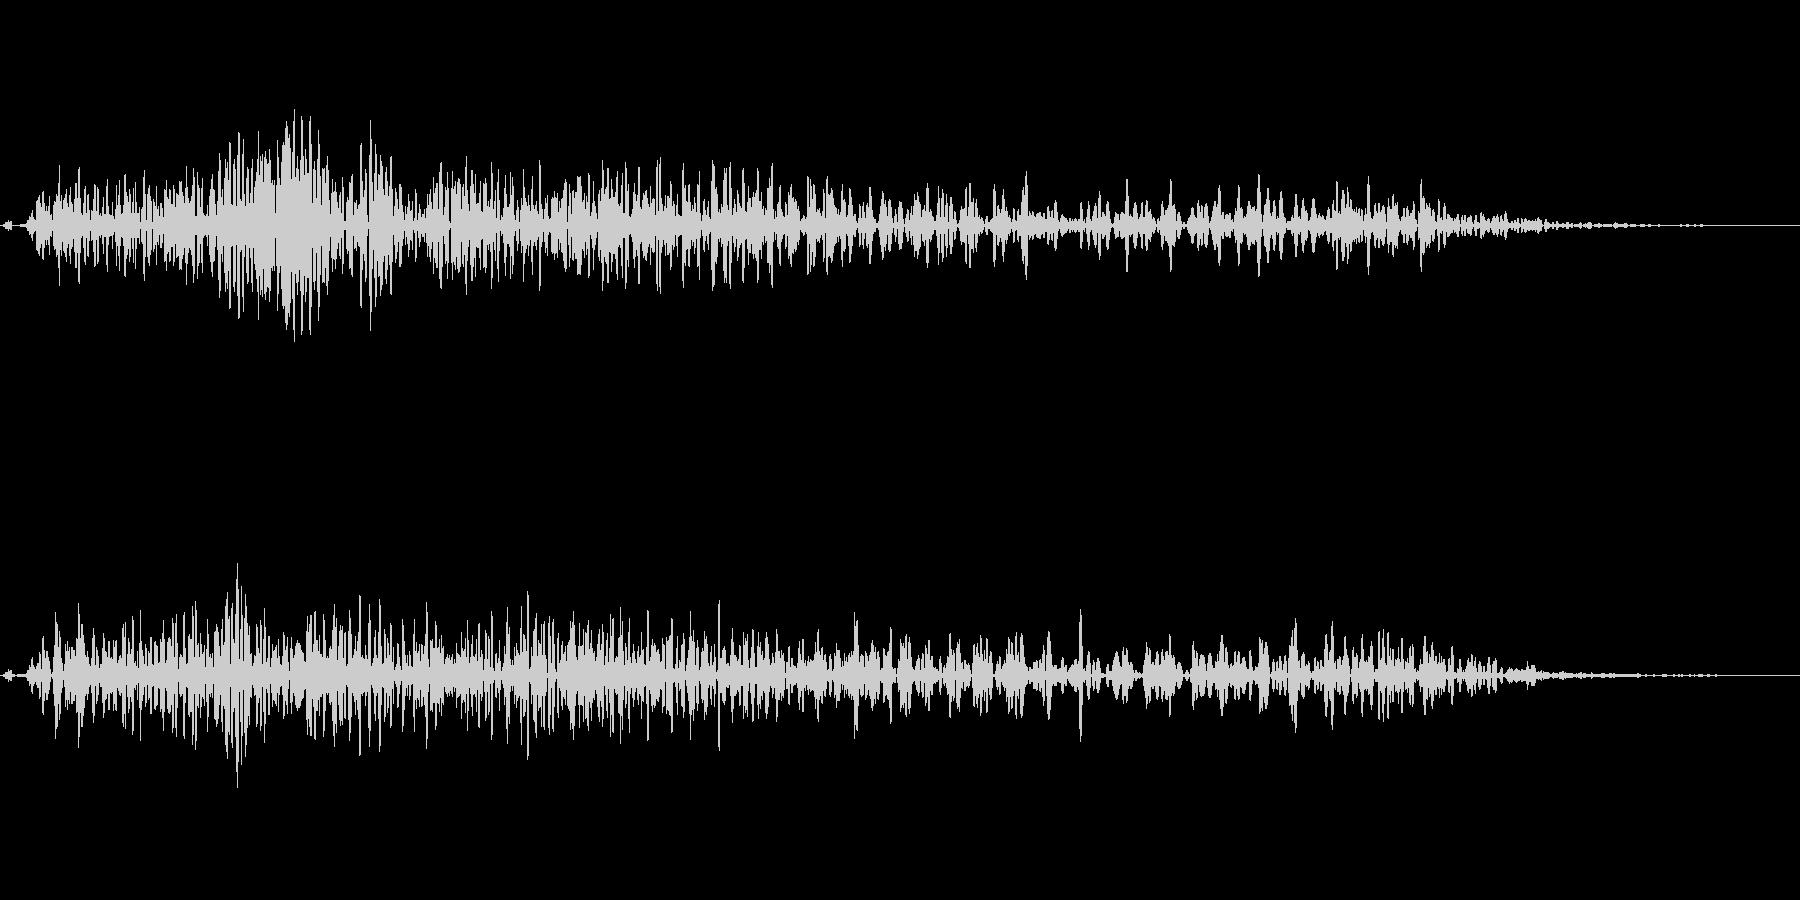 攻撃音(ファミコン・アクション・バトル)の未再生の波形